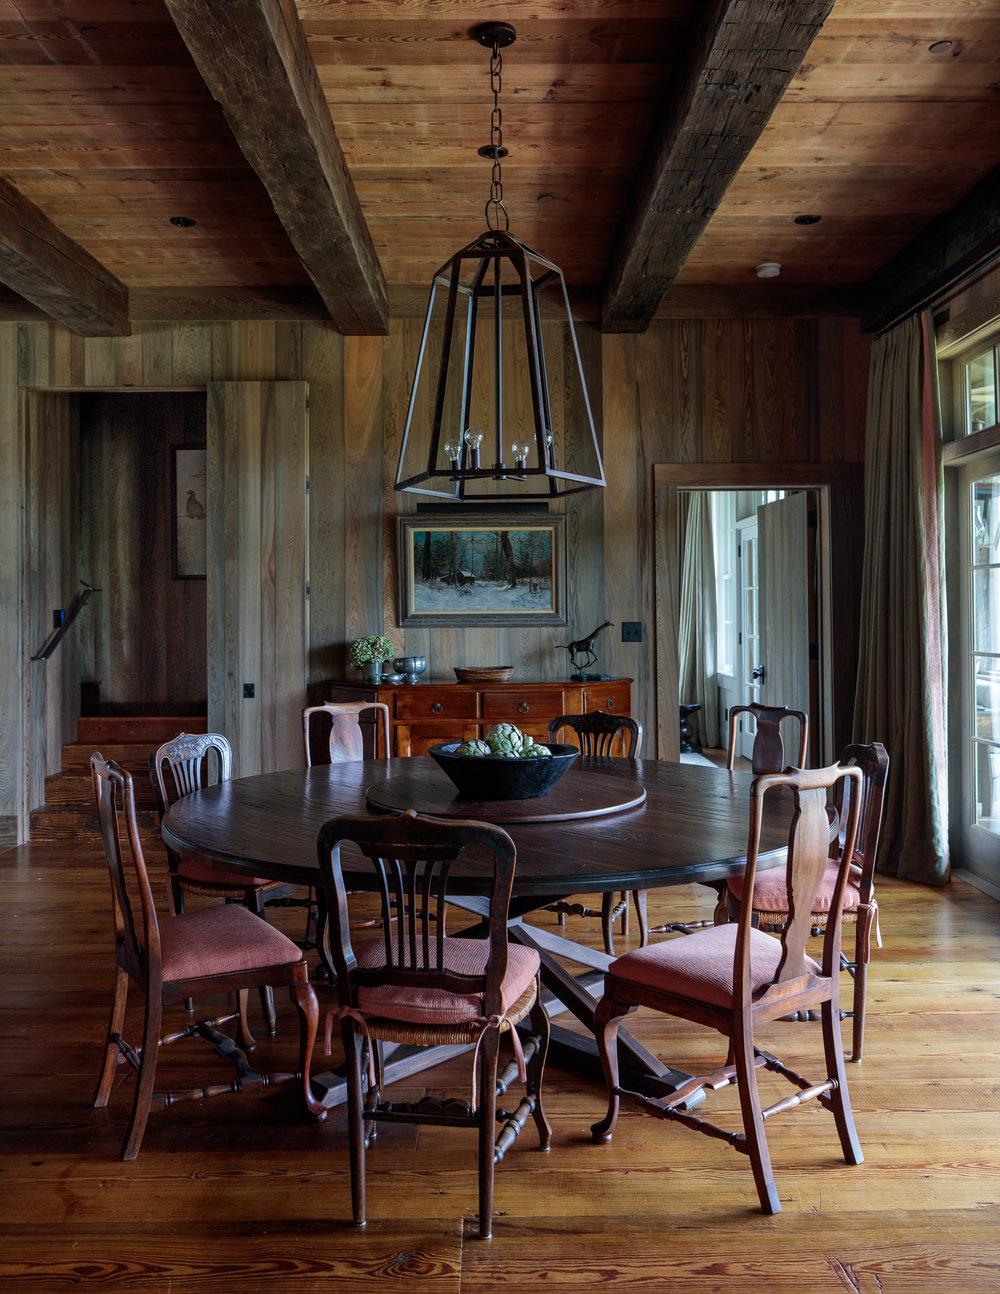 Luôn có ít nhất một lý do để bạn lựa chọn bàn ăn tròn cho ngôi nhà nhỏ của gia đình - Ảnh 19.